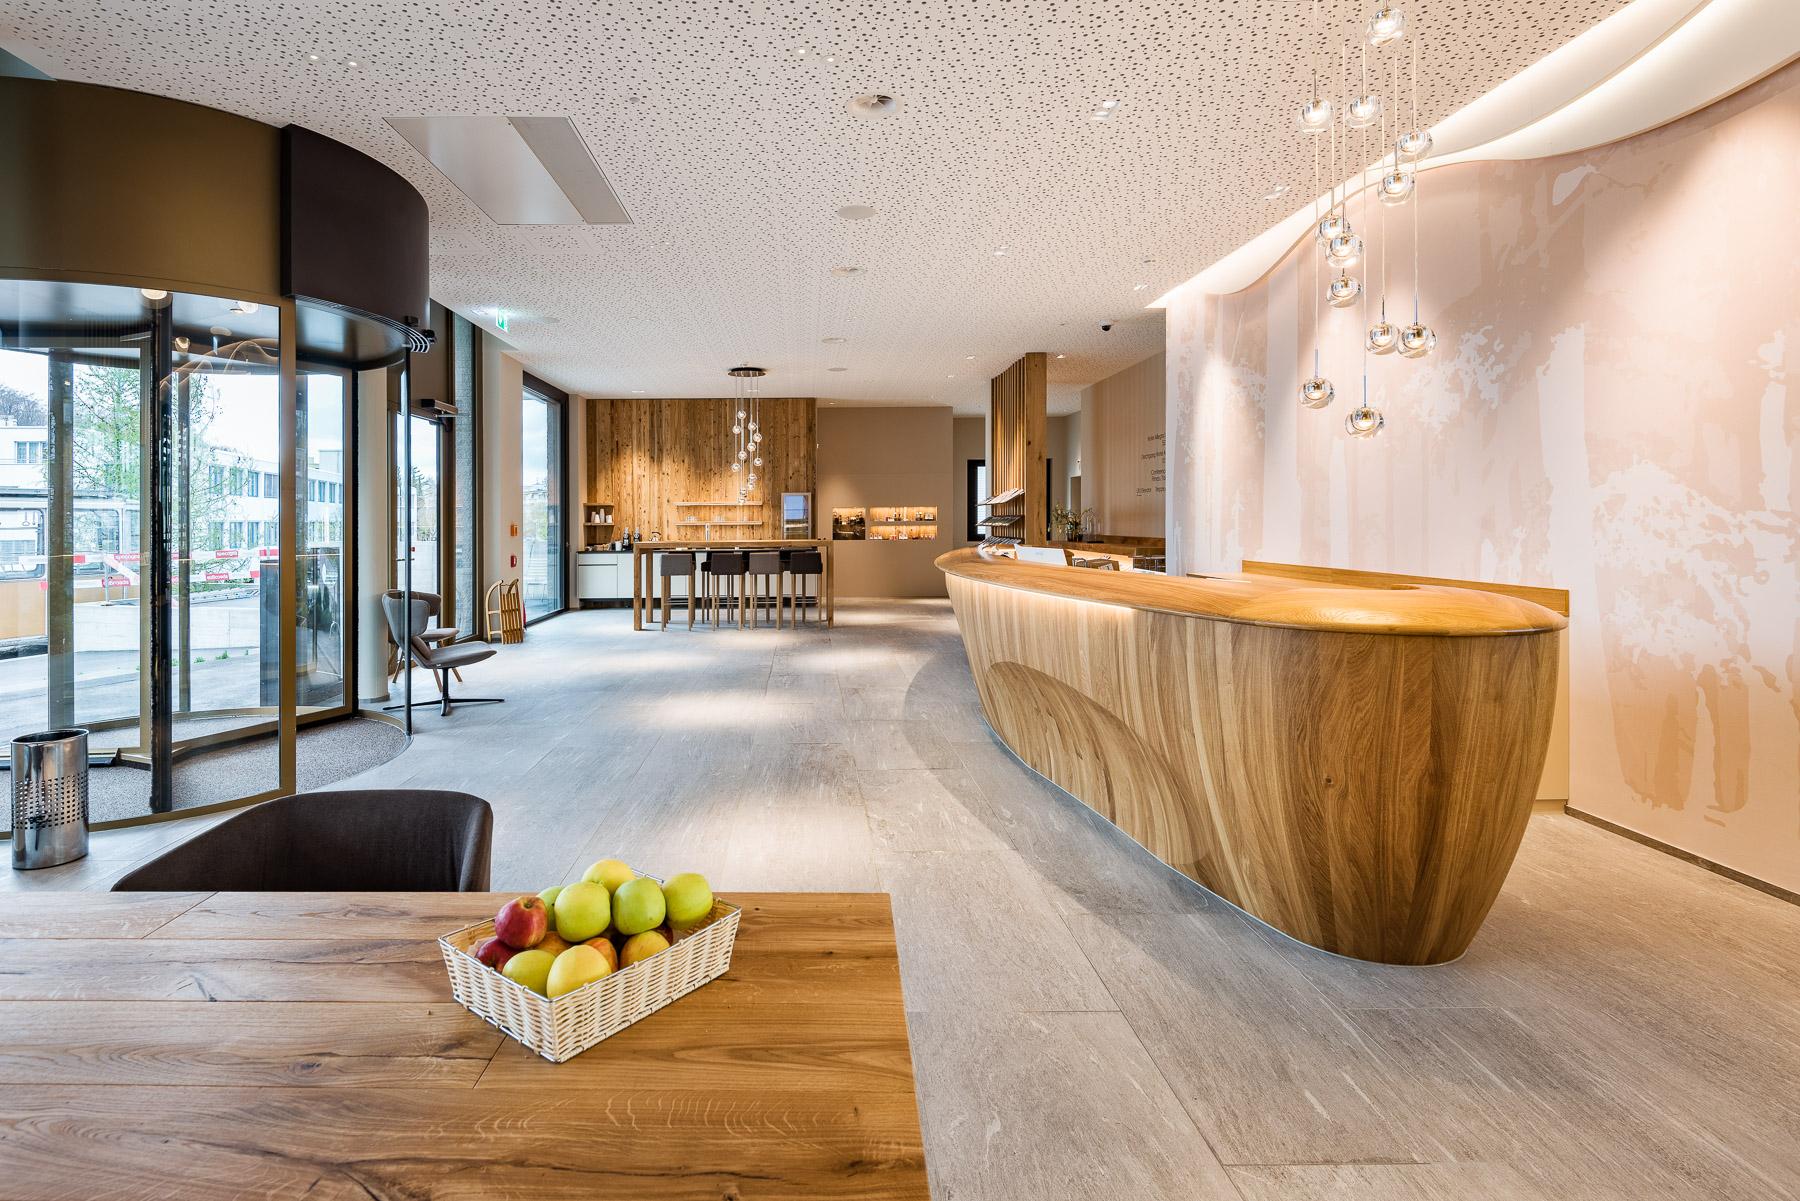 53+Innenarchitektur für Hotellerie & Gastronomie   innenarchitekten ...